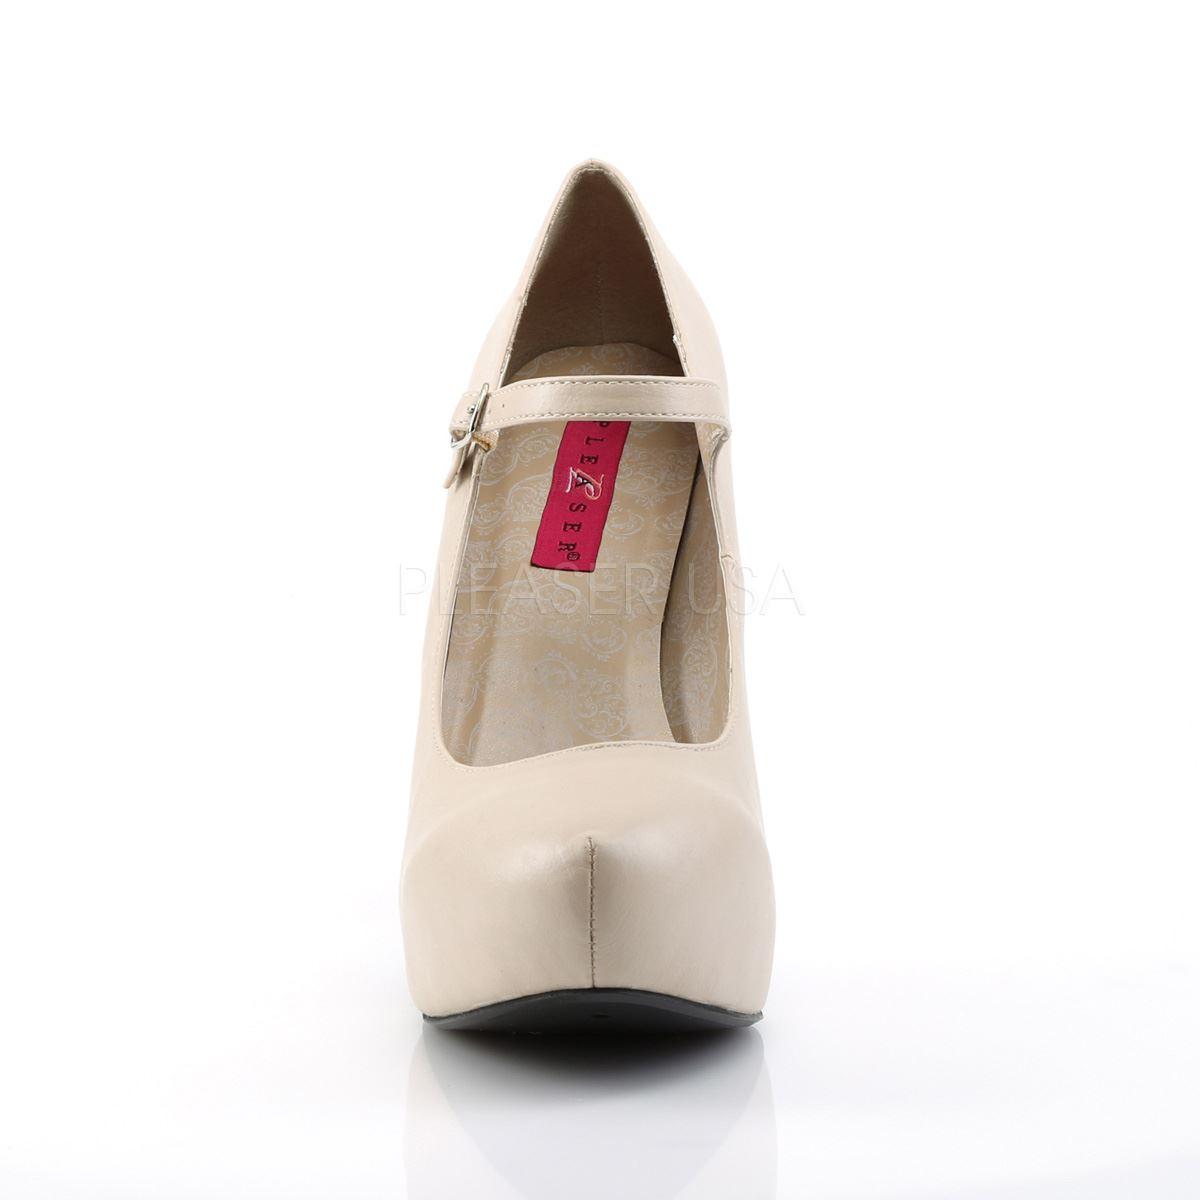 Pleaser Pleaser Pleaser Pink Label Platform Mary Jane Concealed Platform Pump Cream Faux Leder b04f2c